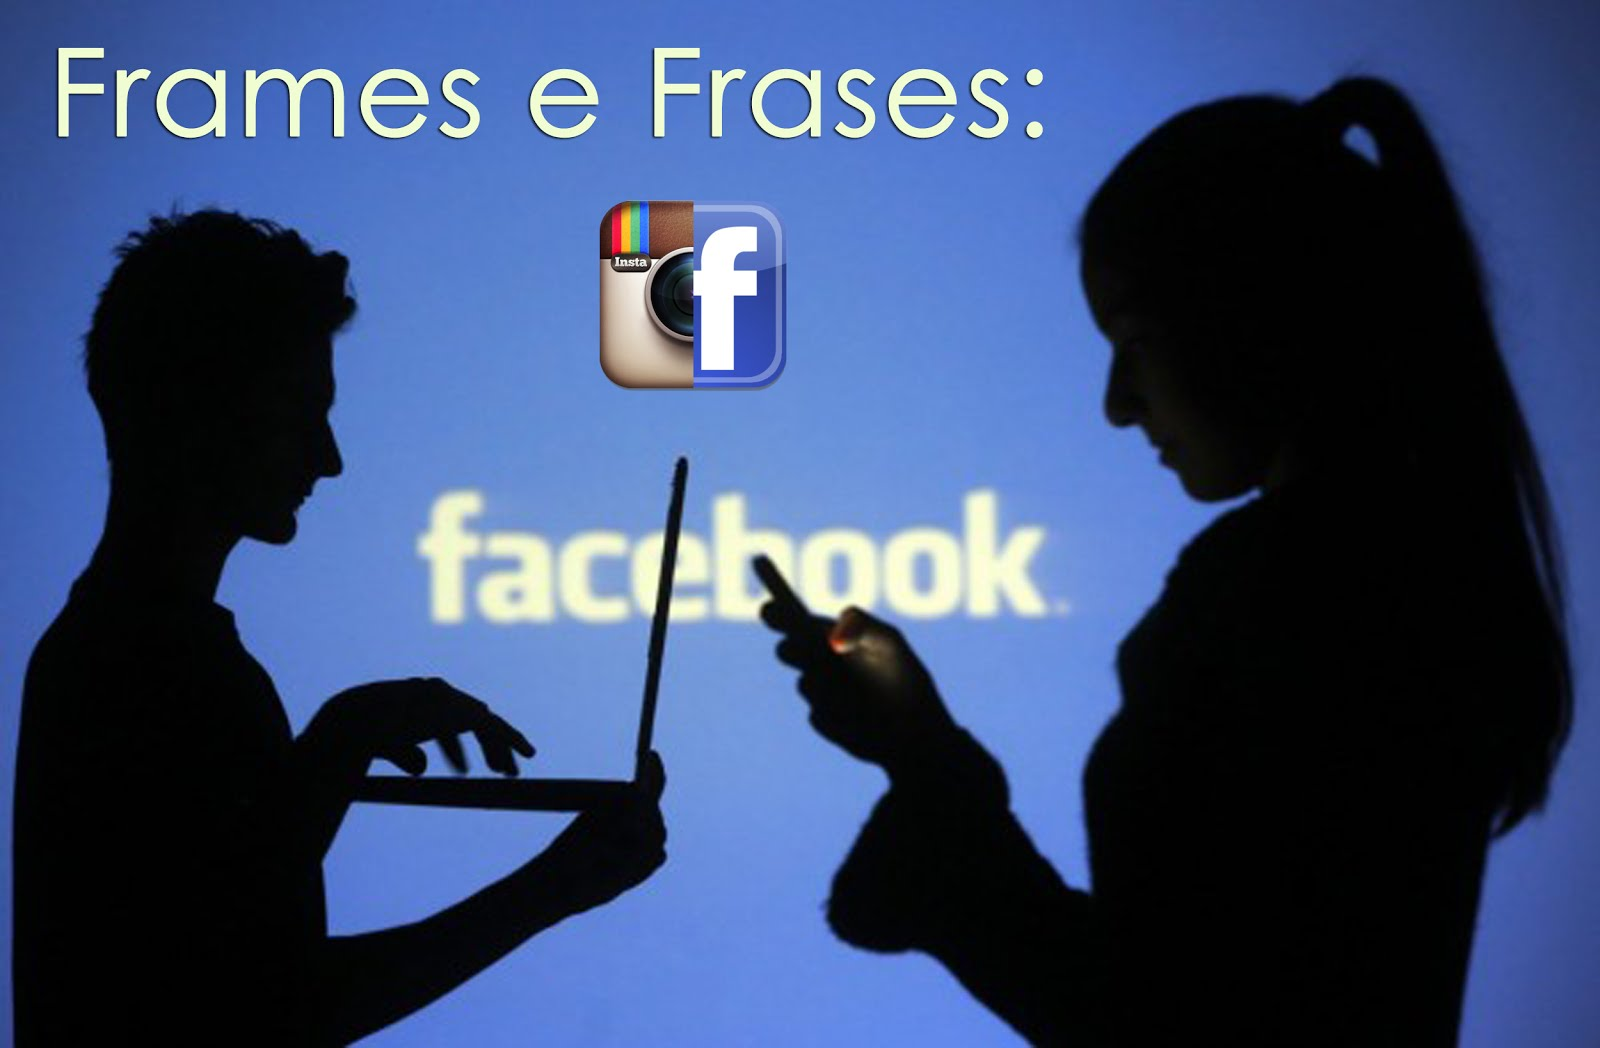 Frames e Frases: